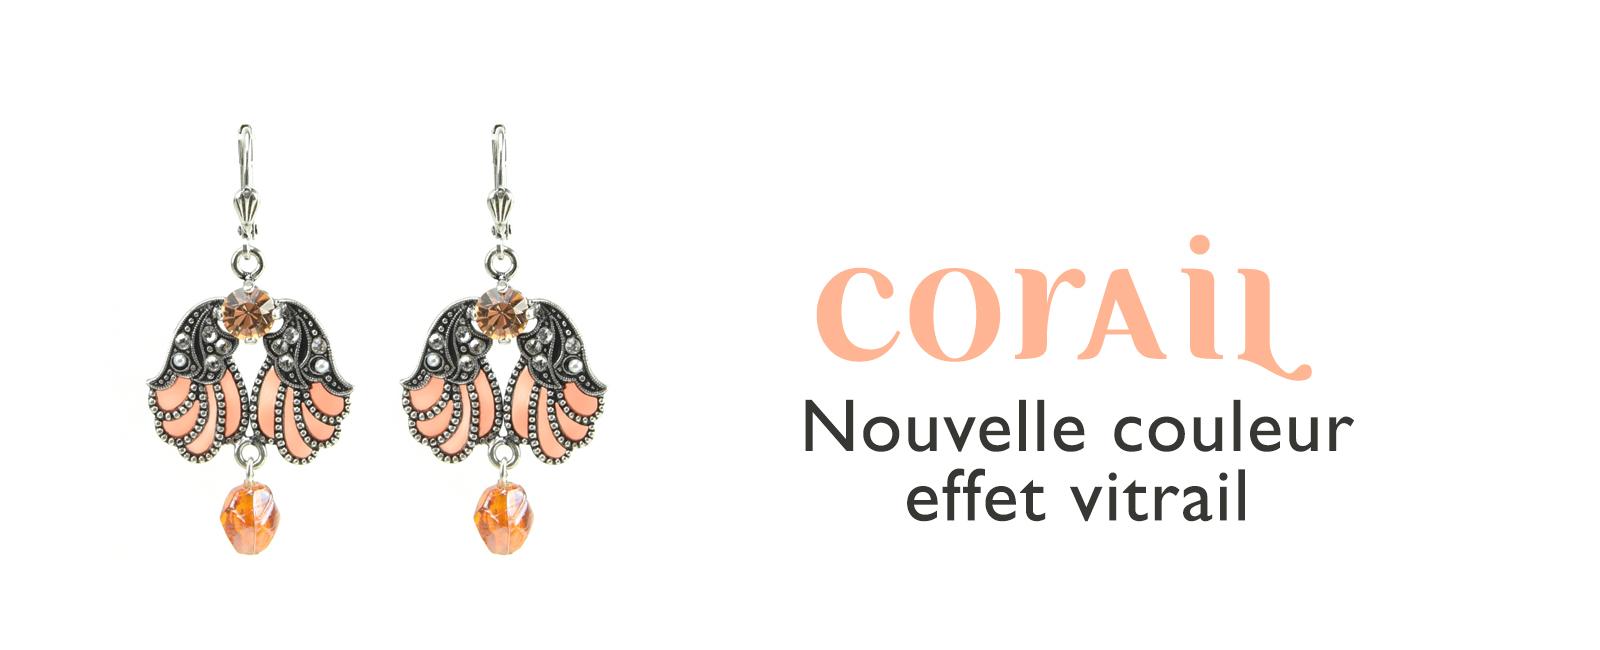 Nouvelle couleur corail